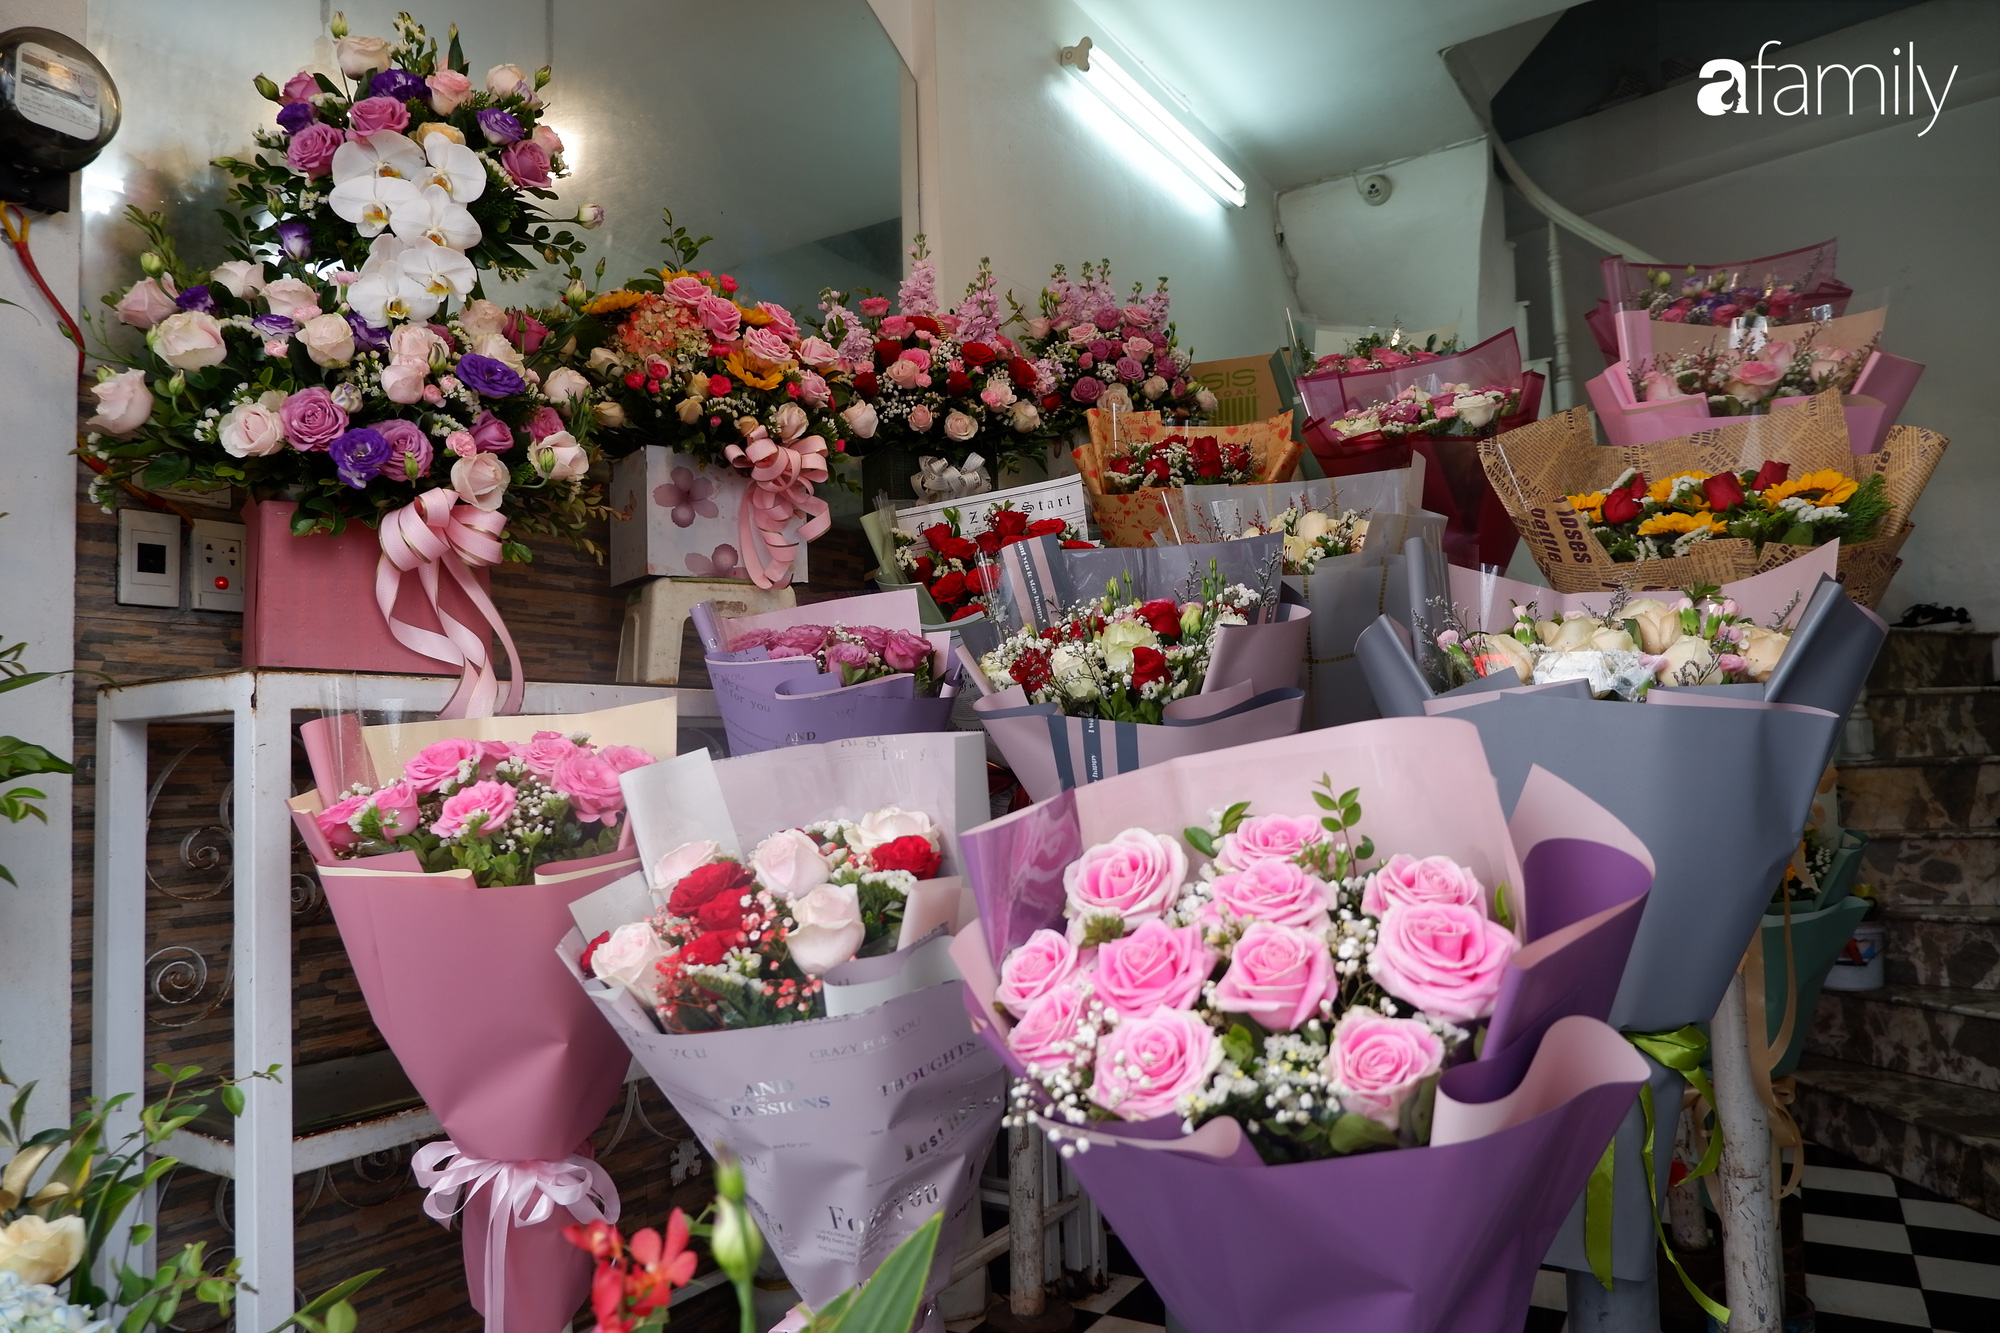 Ngày Lễ Tình Nhân: Các cửa hàng hoa đìu hiu khách, giá hoa tươi liên tục giảm vẫn không kích thích được người mua - Ảnh 7.